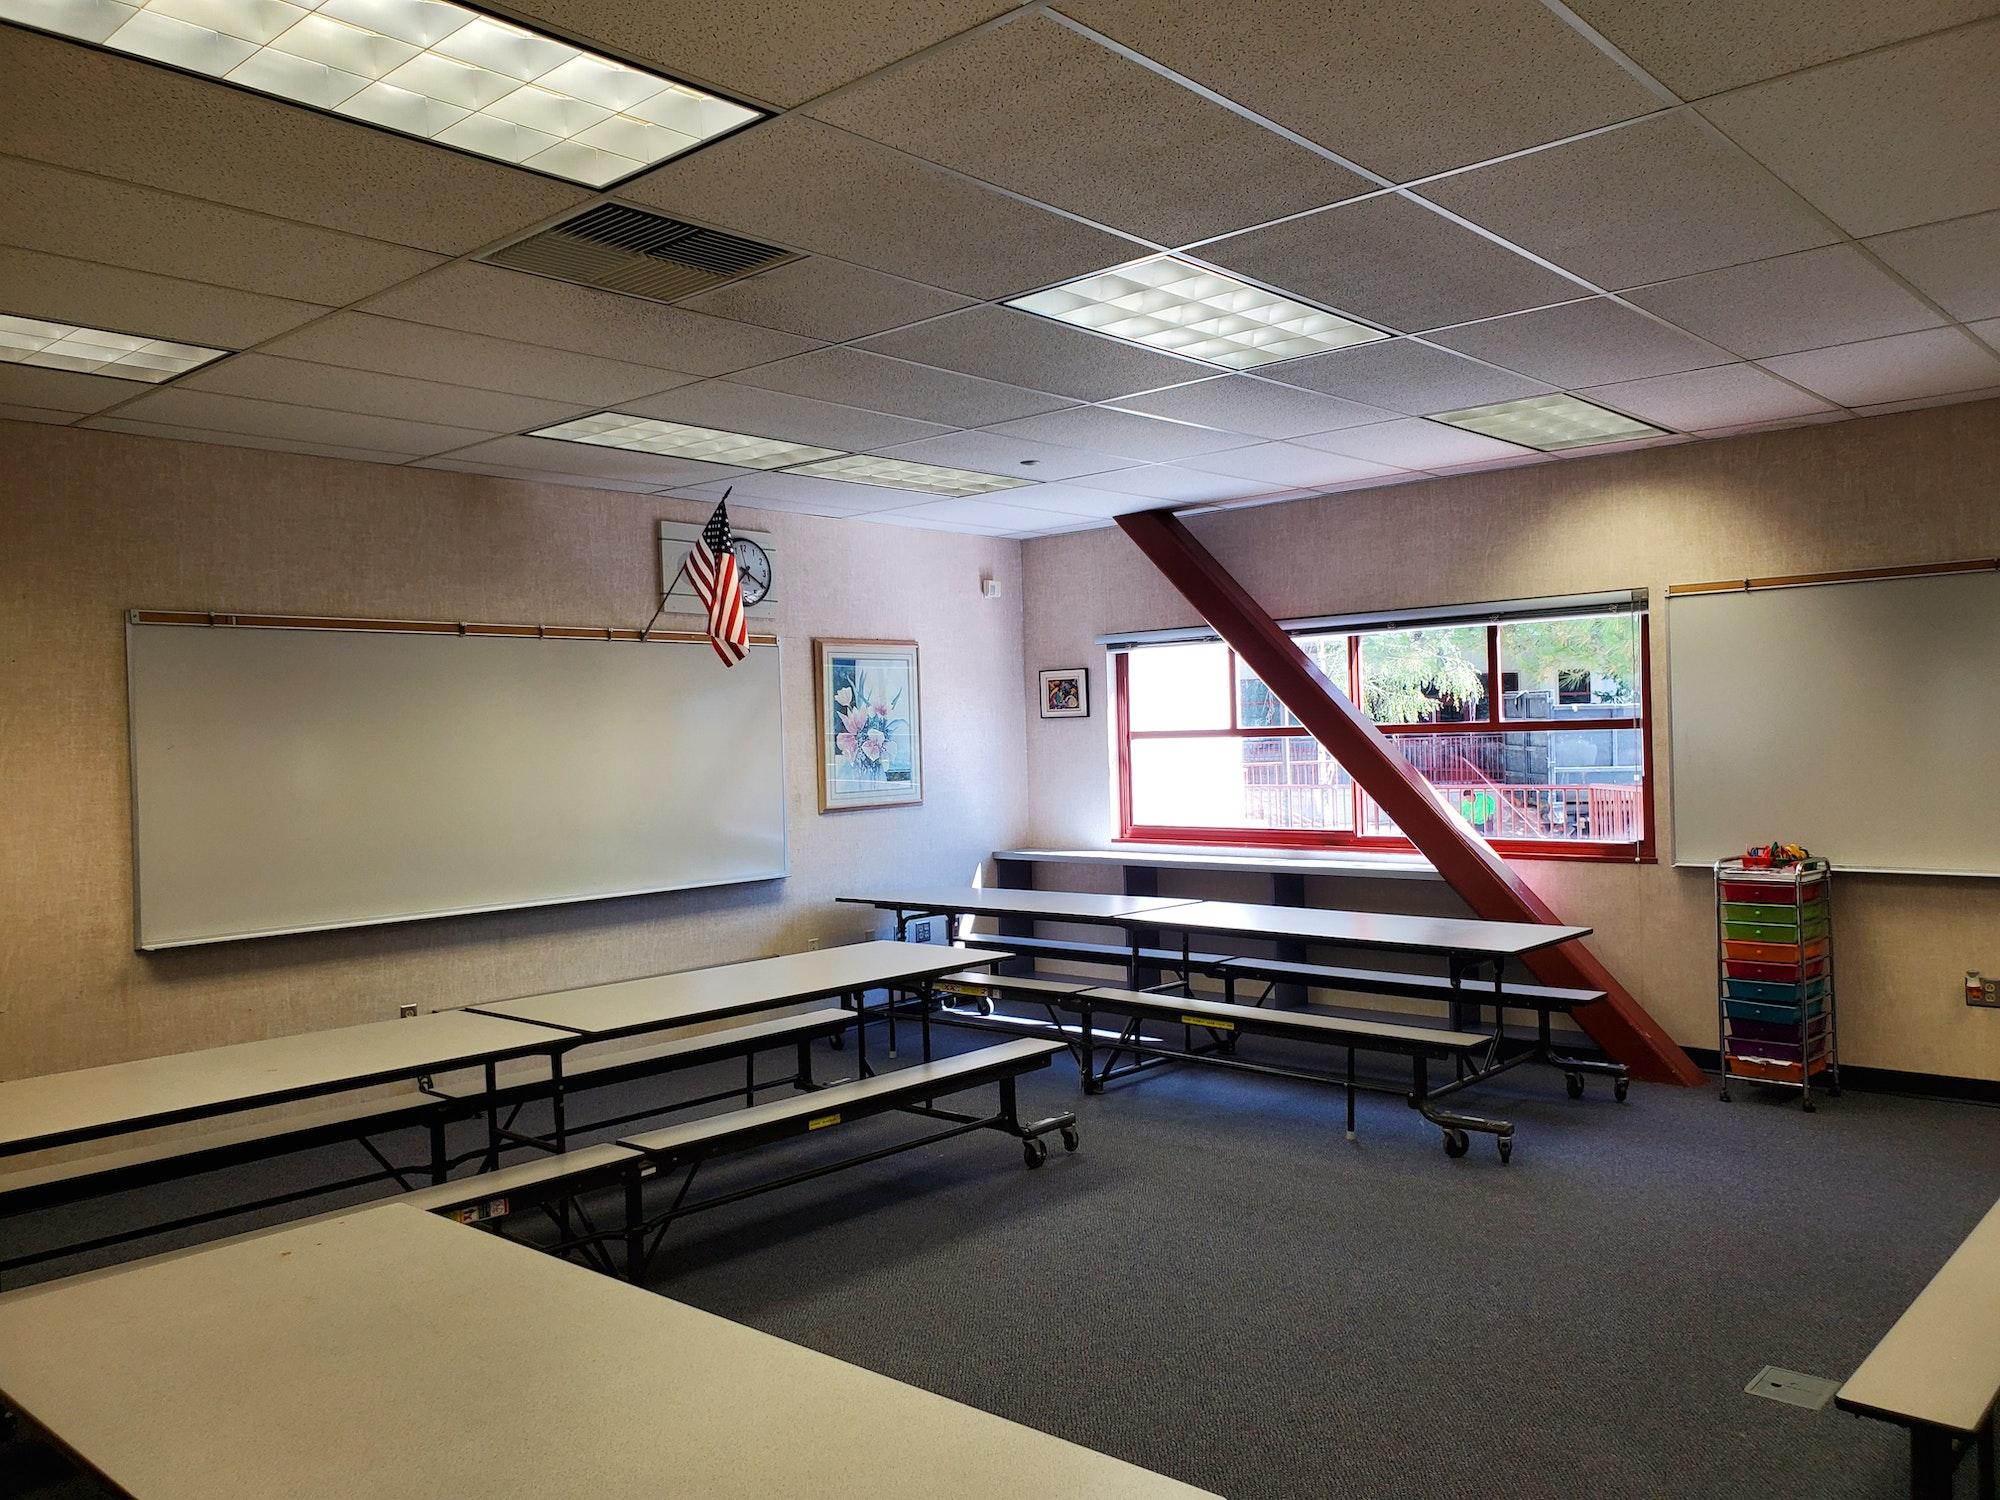 Enrichment Center Commons at LGECC